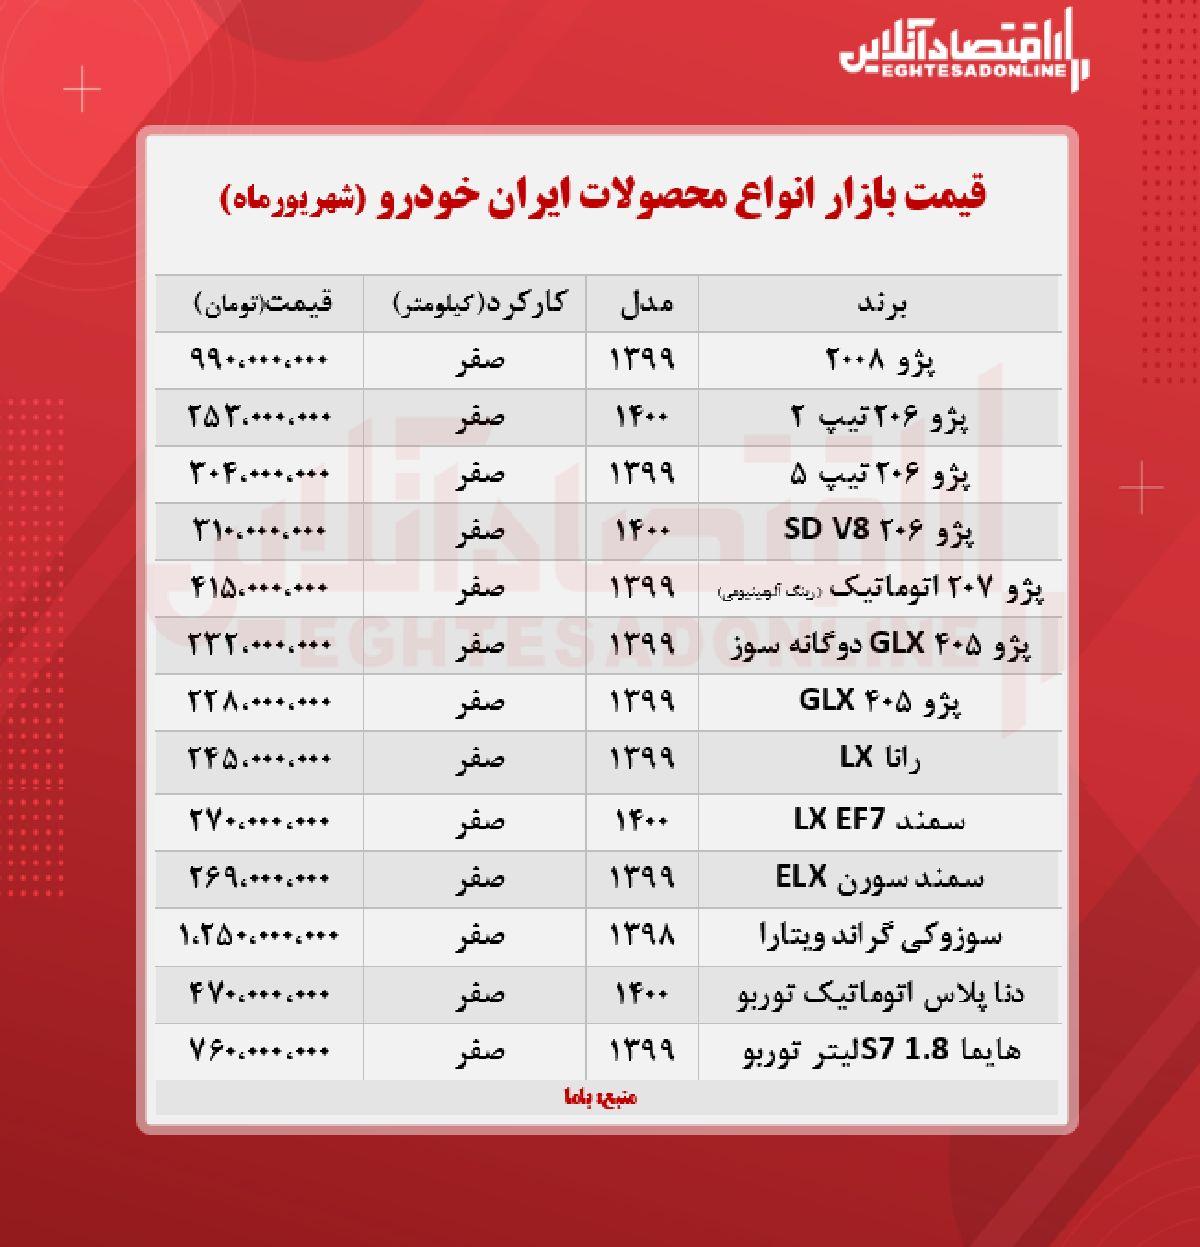 قیمت محصولات ایران خودرو امروز ۱۴۰۰/۶/۱۹